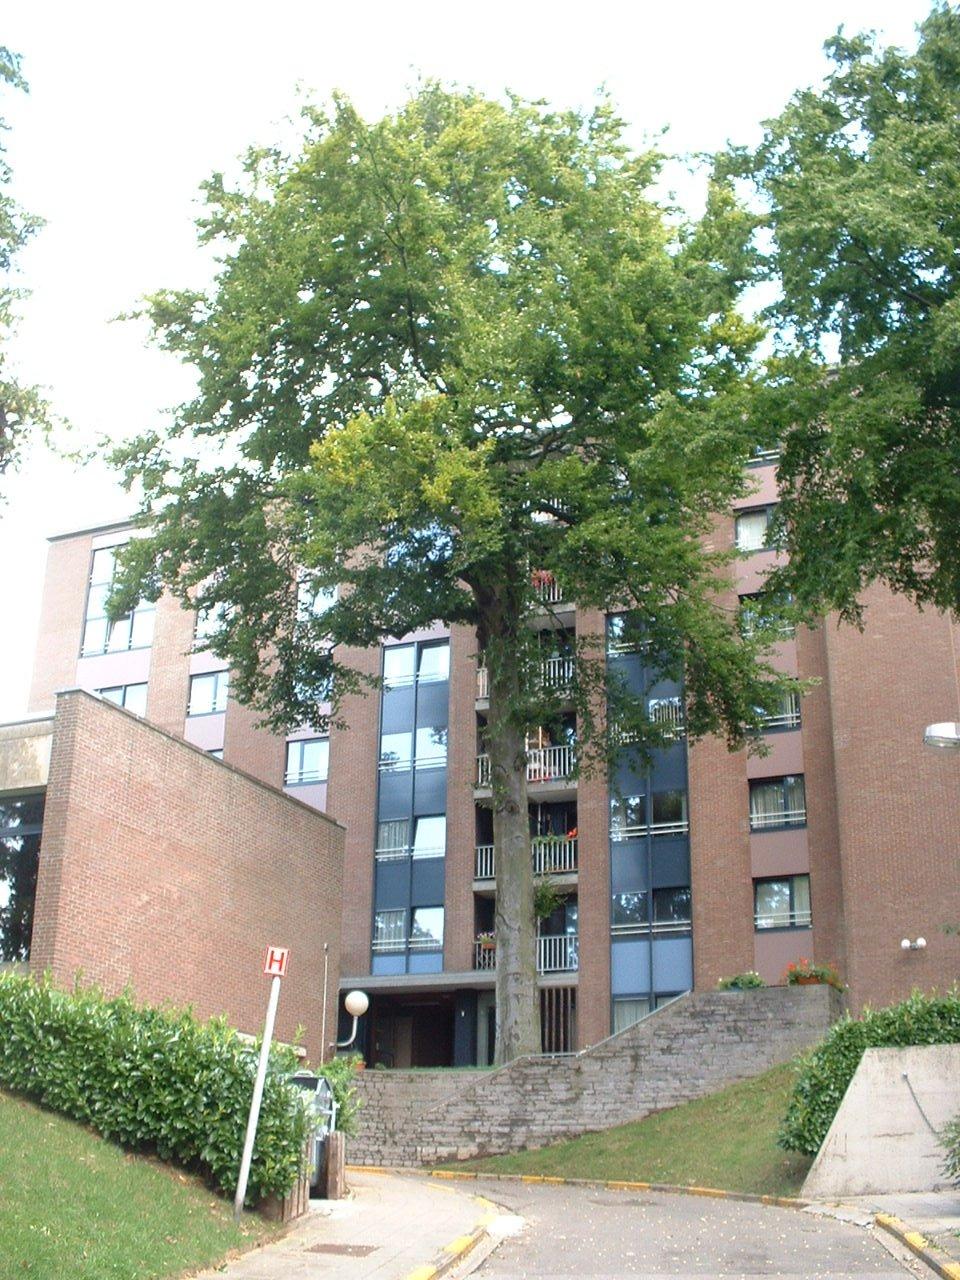 Hêtre d'Europe – Auderghem, Parc Lambin, Avenue Léopold Florent Lambin, 1 –  03 Août 2005